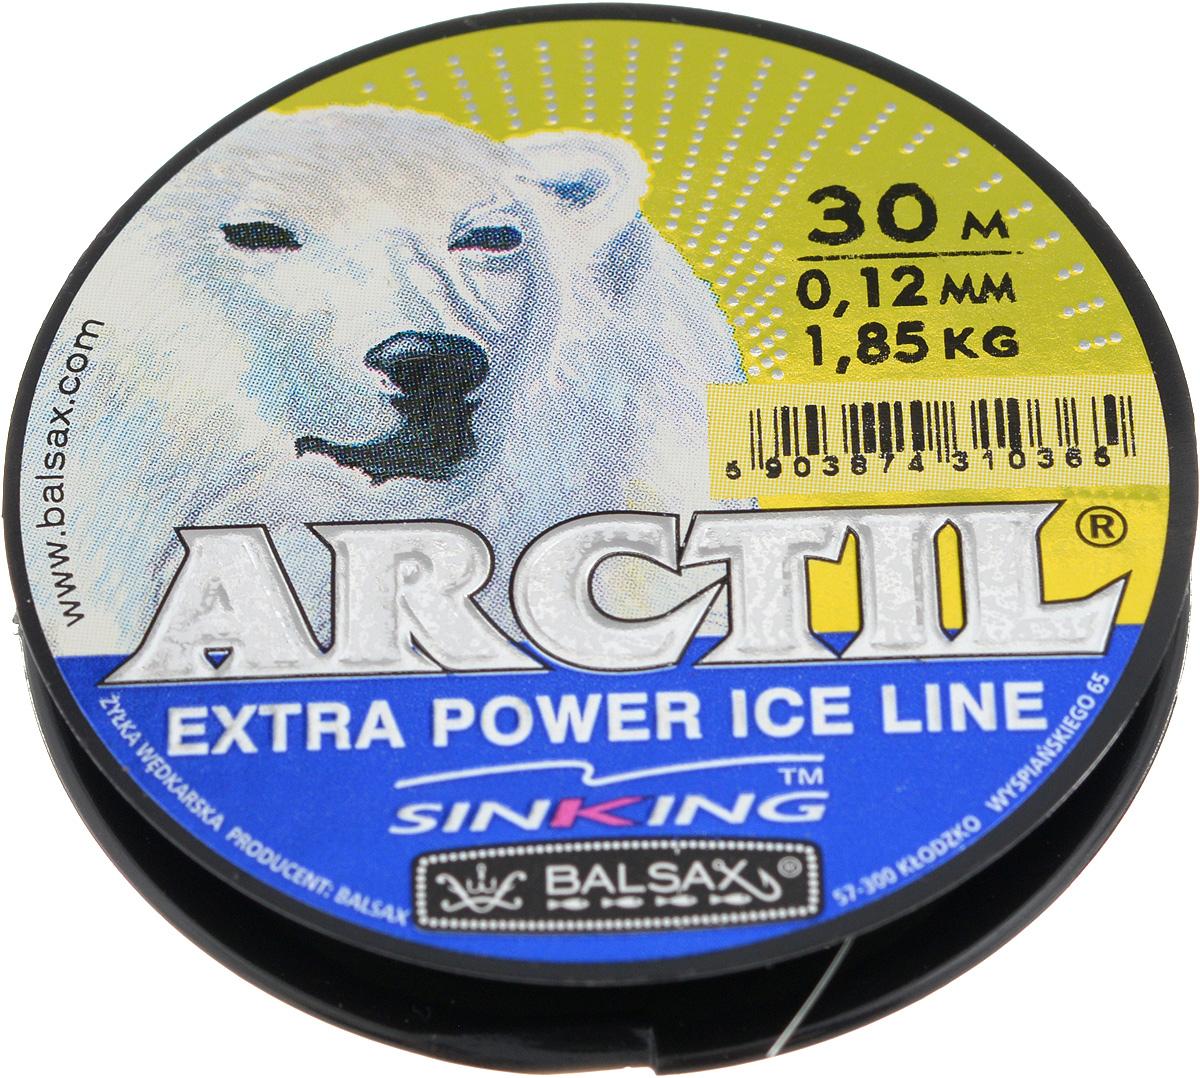 Леска зимняя Balsax Arctil, 30 м, 0,12 мм, 1,85 кг312-07012Леска Balsax Arctil изготовлена из 100% нейлона и очень хорошо выдерживает низкие температуры. Даже в самом холодном климате, при температуре вплоть до -40°C, она сохраняет свои свойства практически без изменений, в то время как традиционные лески становятся менее эластичными и теряют прочность. Поверхность лески обработана таким образом, что она не обмерзает и отлично подходит для подледного лова. Прочна в местах вязки узлов даже при минимальном диаметре.